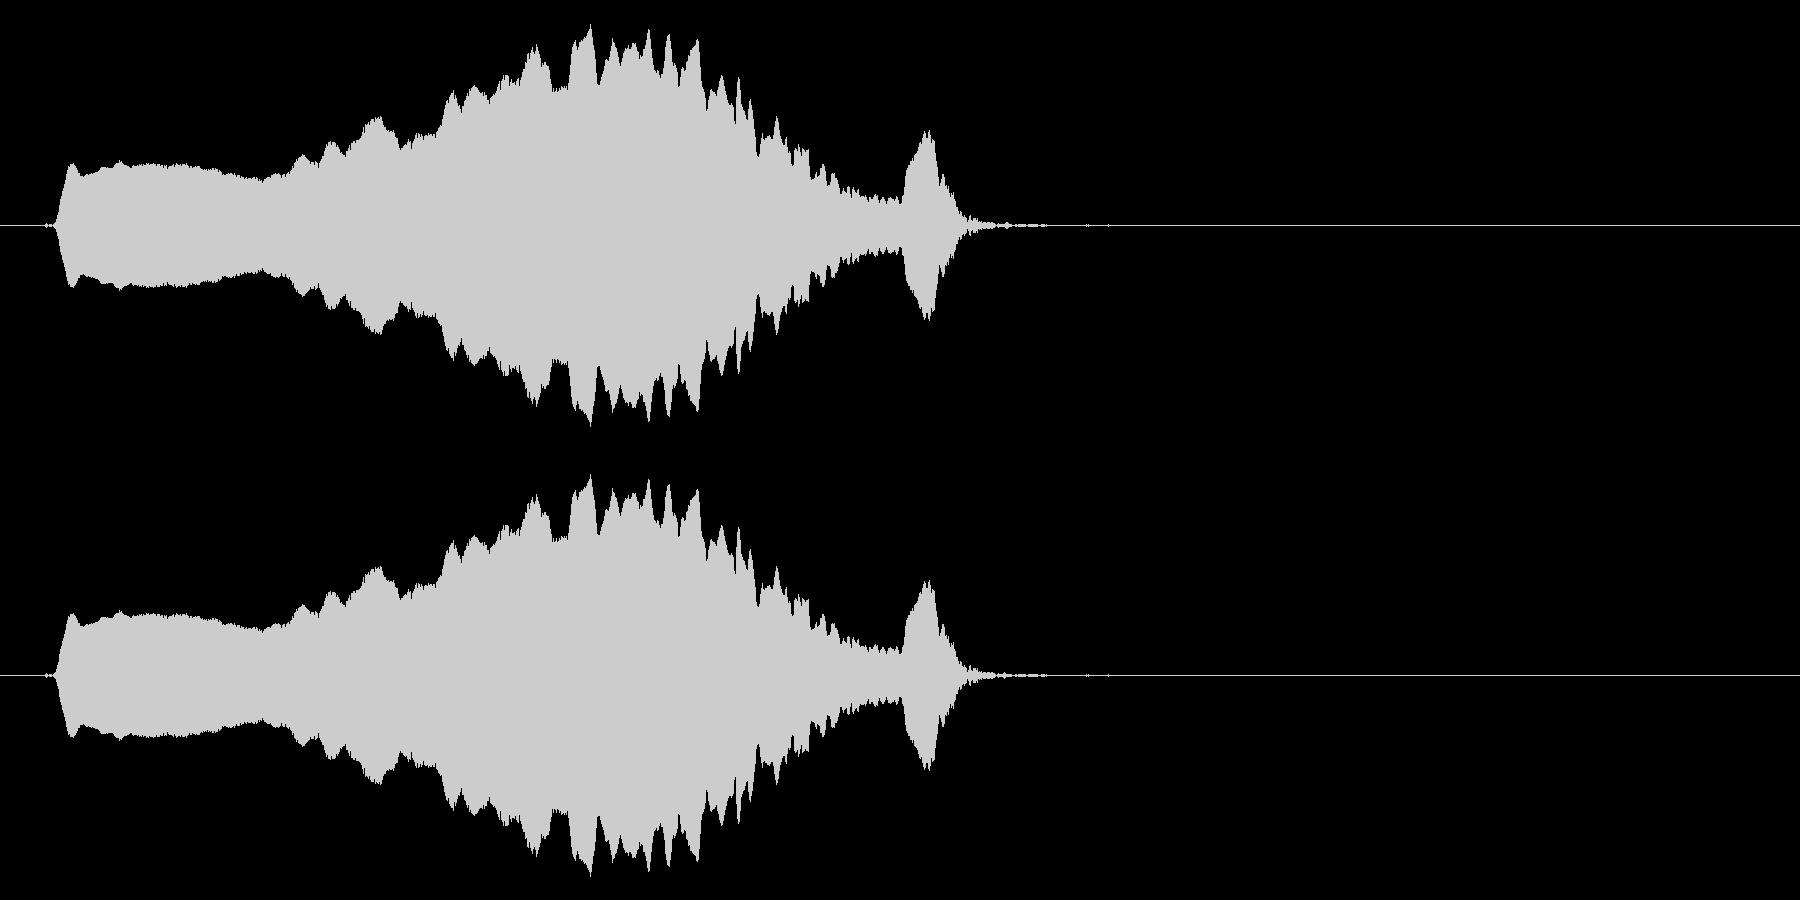 スライド笛/上昇/ピューイ/カートゥーンの未再生の波形